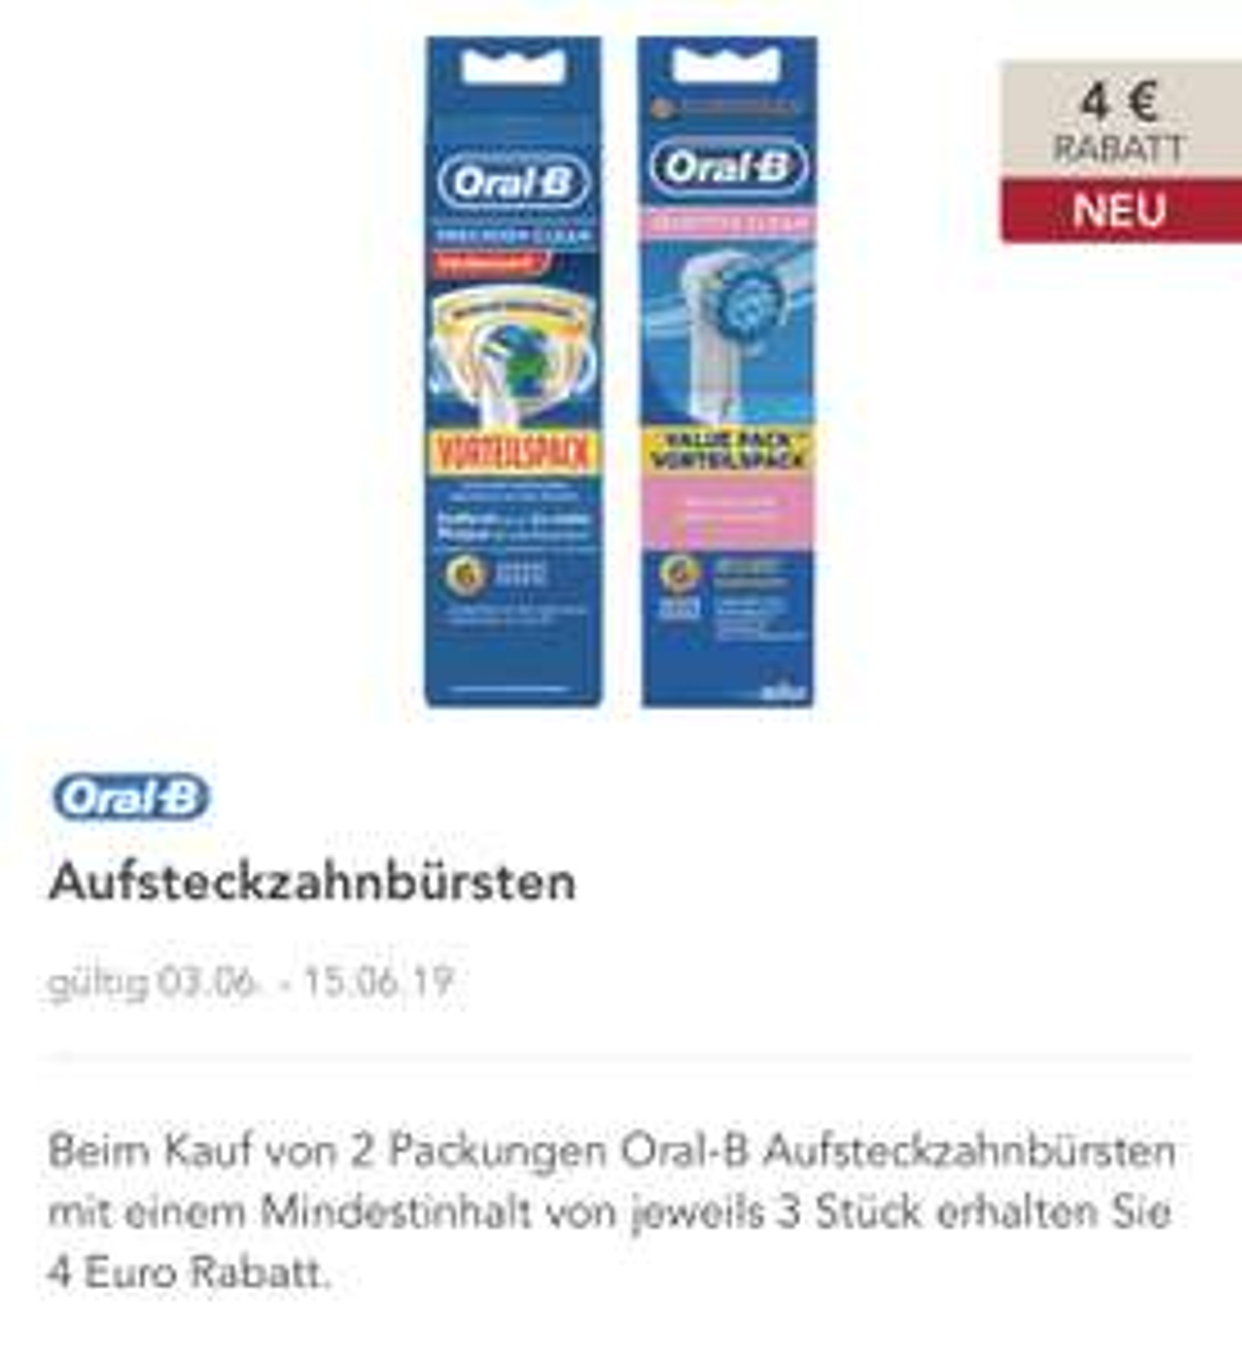 [Rossmann] 10 Oral-B Precision Clean Aufsteckbürsten